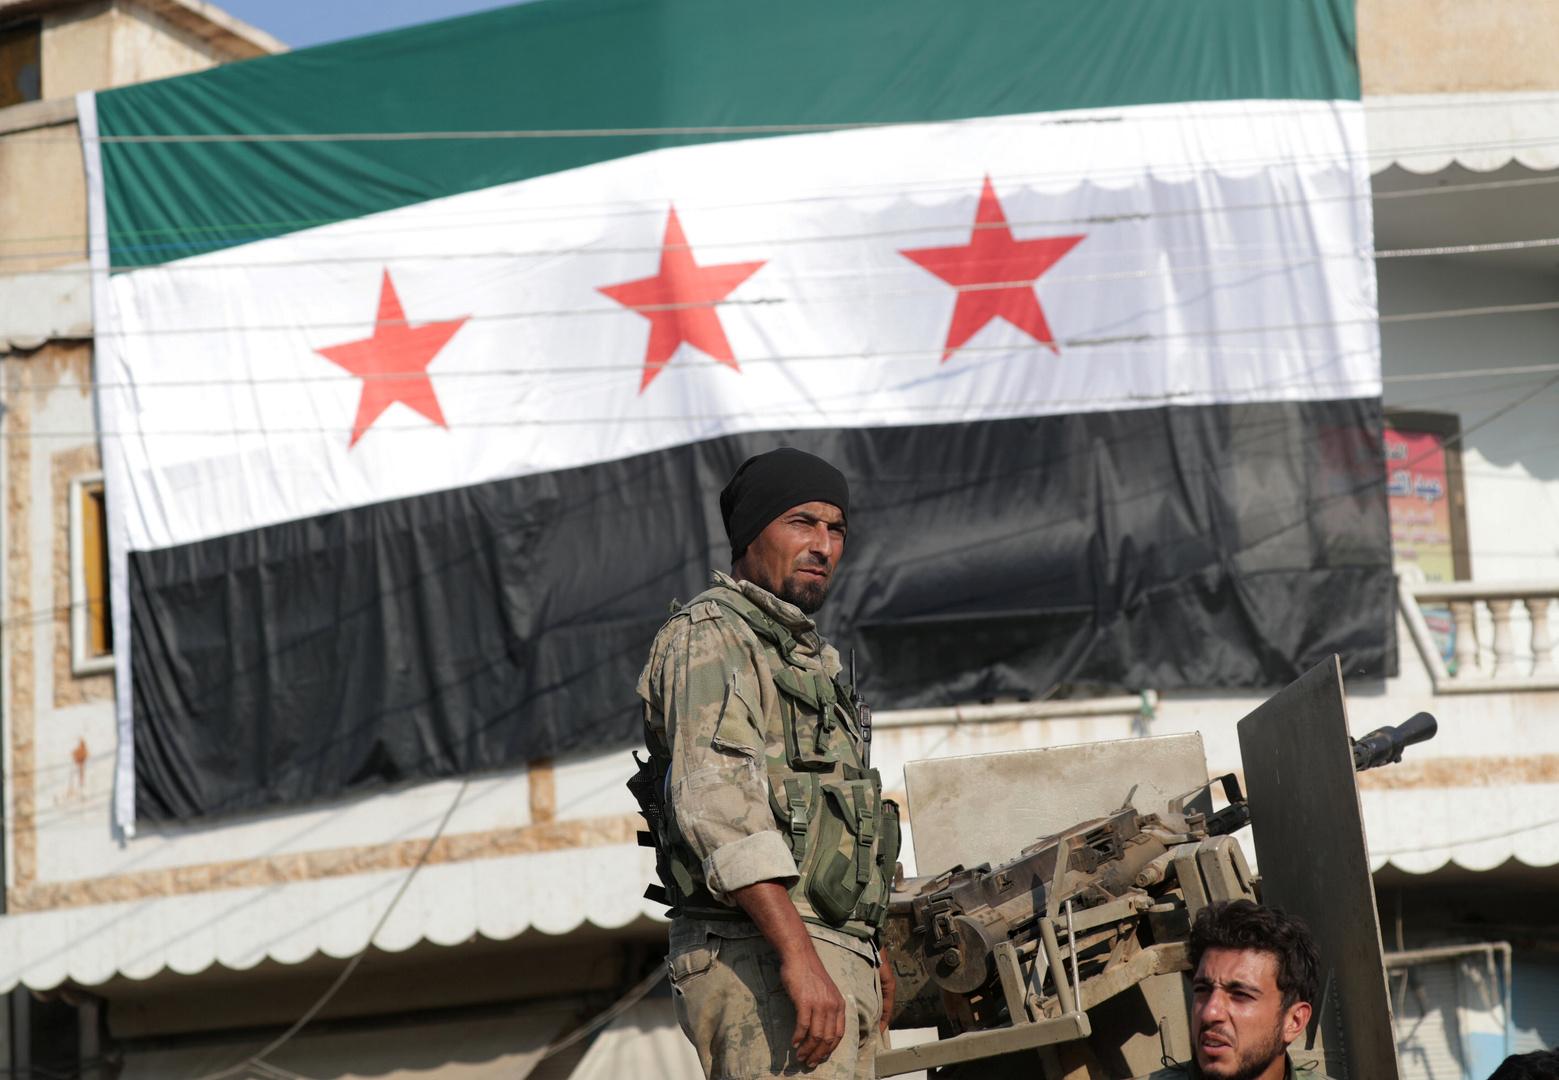 عنصران من قوات المعارضة المسلحة السورية المدعومة من تركيا في مدينة تل أبيض شمال سوريا.